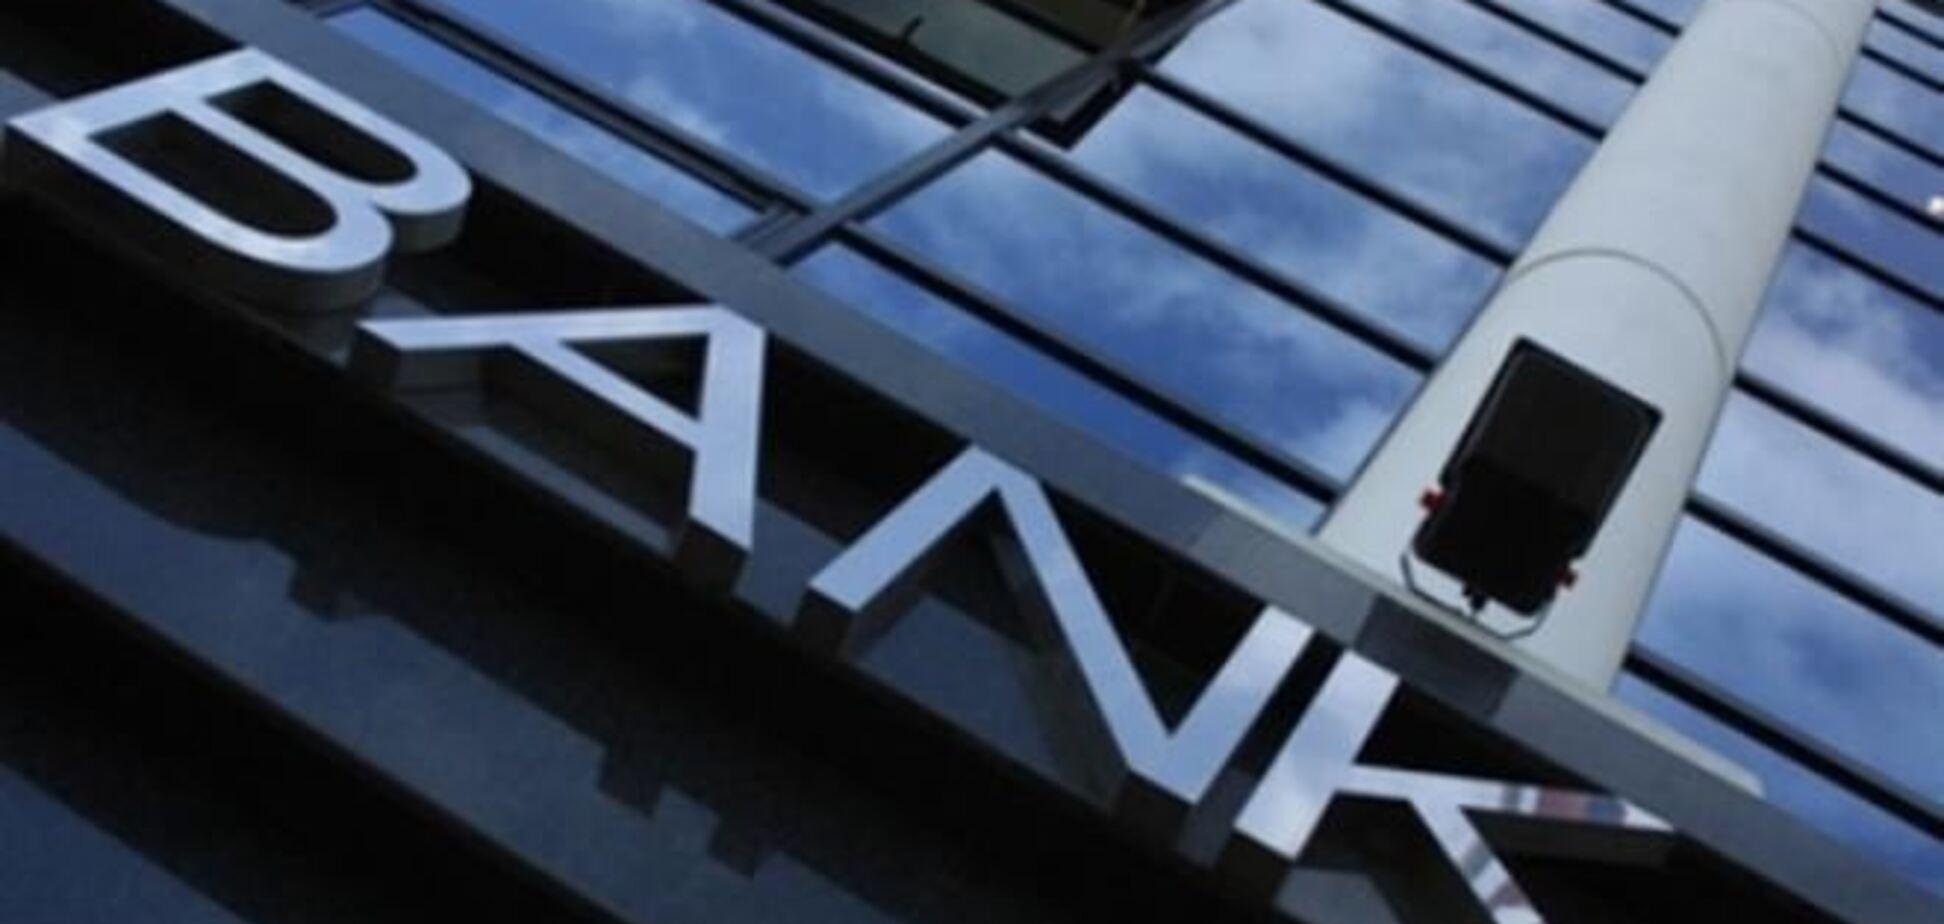 ЕК оштрафовала банки Европы и США на 1,7 млрд евро